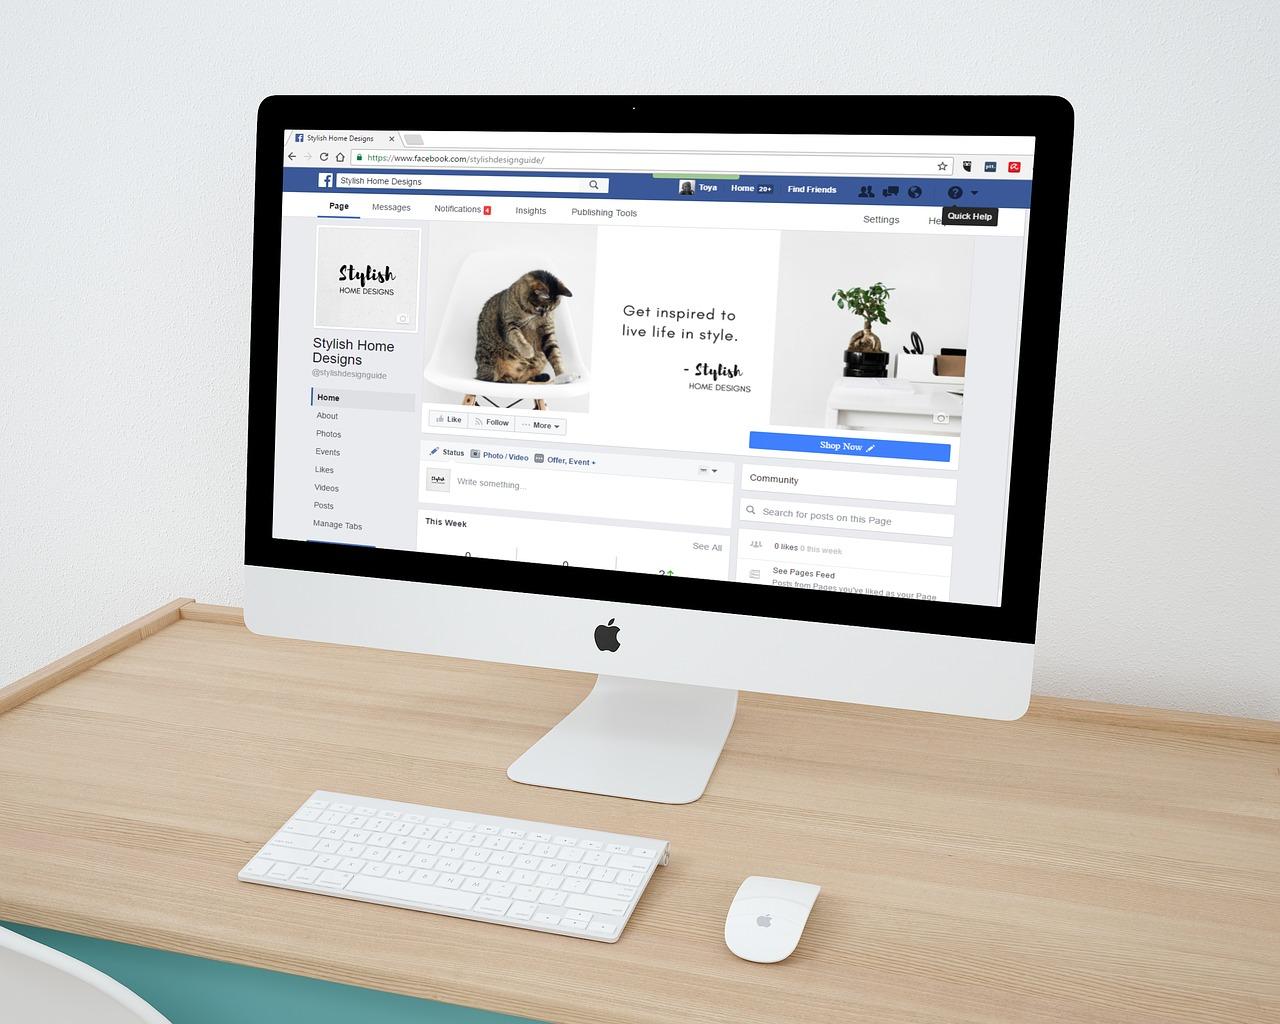 メインがFacebook流入のサイトはピンチ?!Googleからの流入がこの時代を生き抜く術だった。